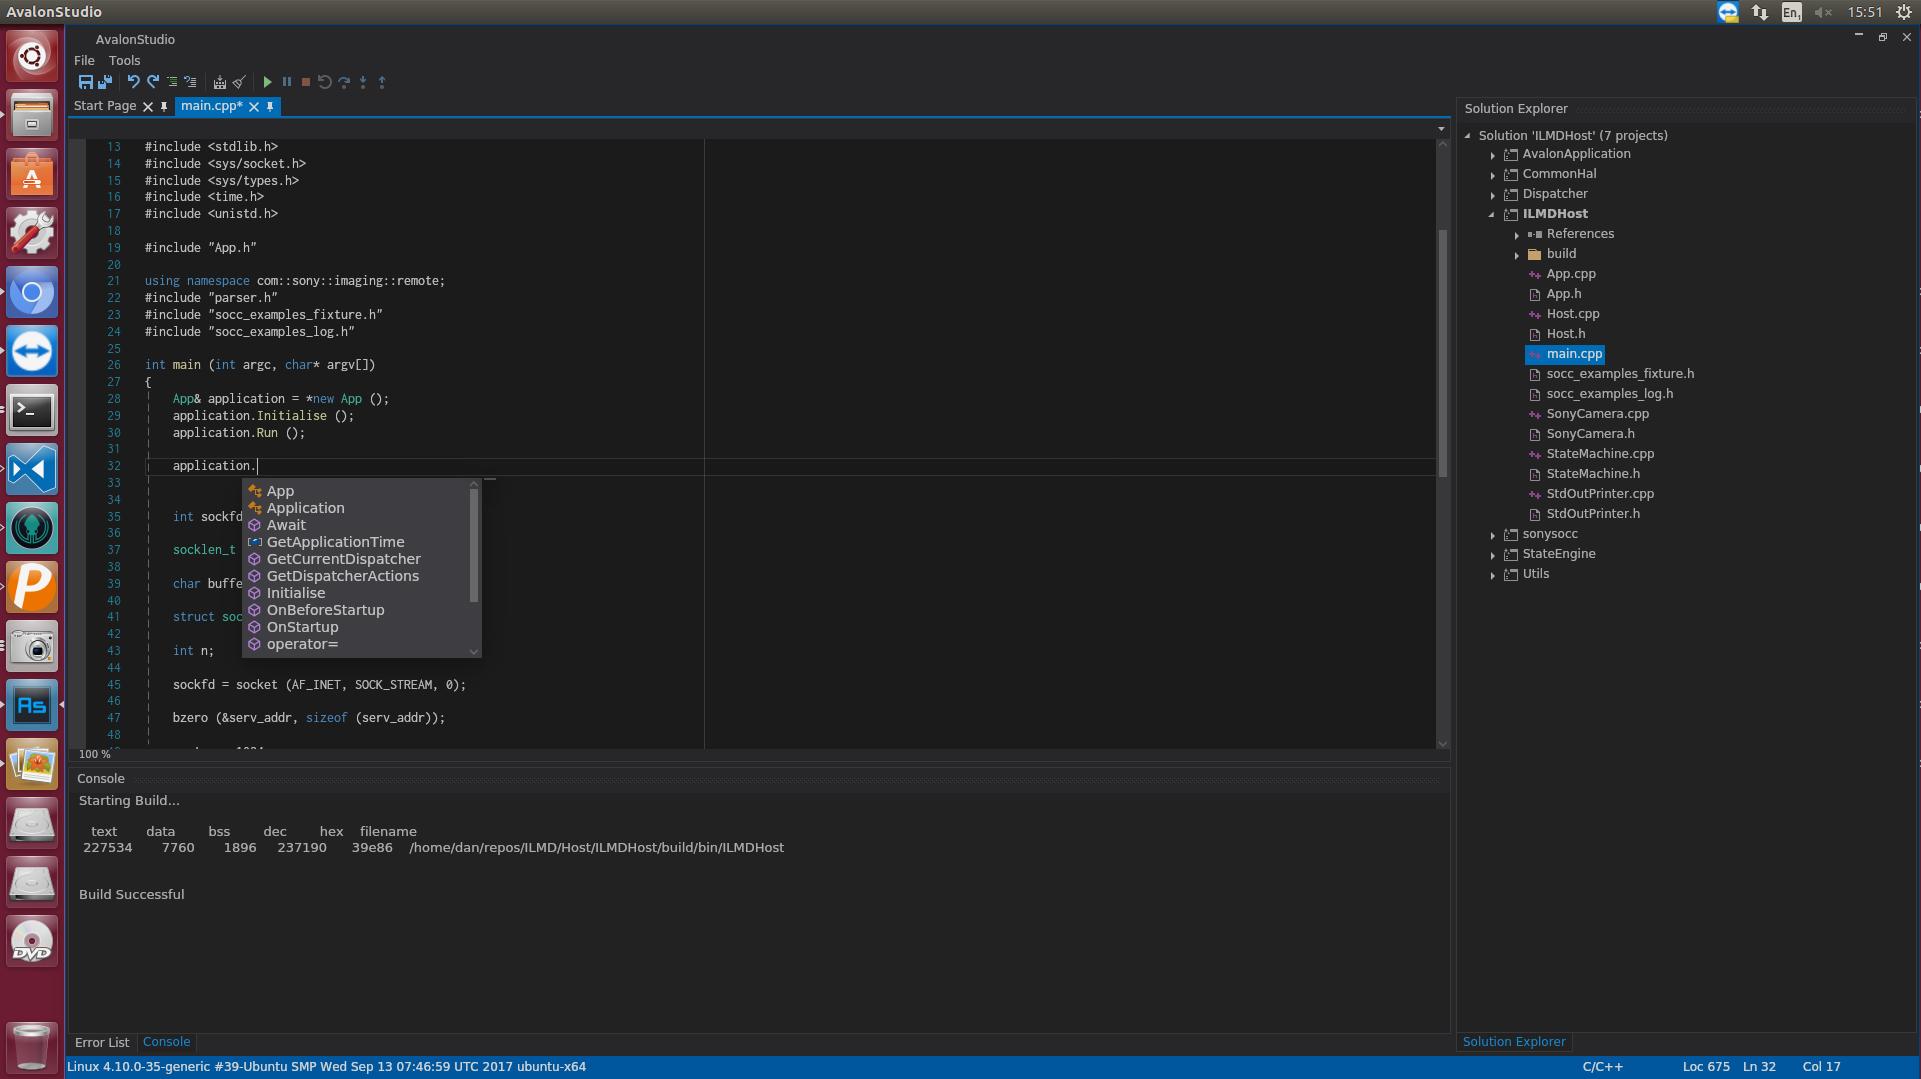 GitHub - VitalElement/AvalonStudio: Cross platform IDE and Shell